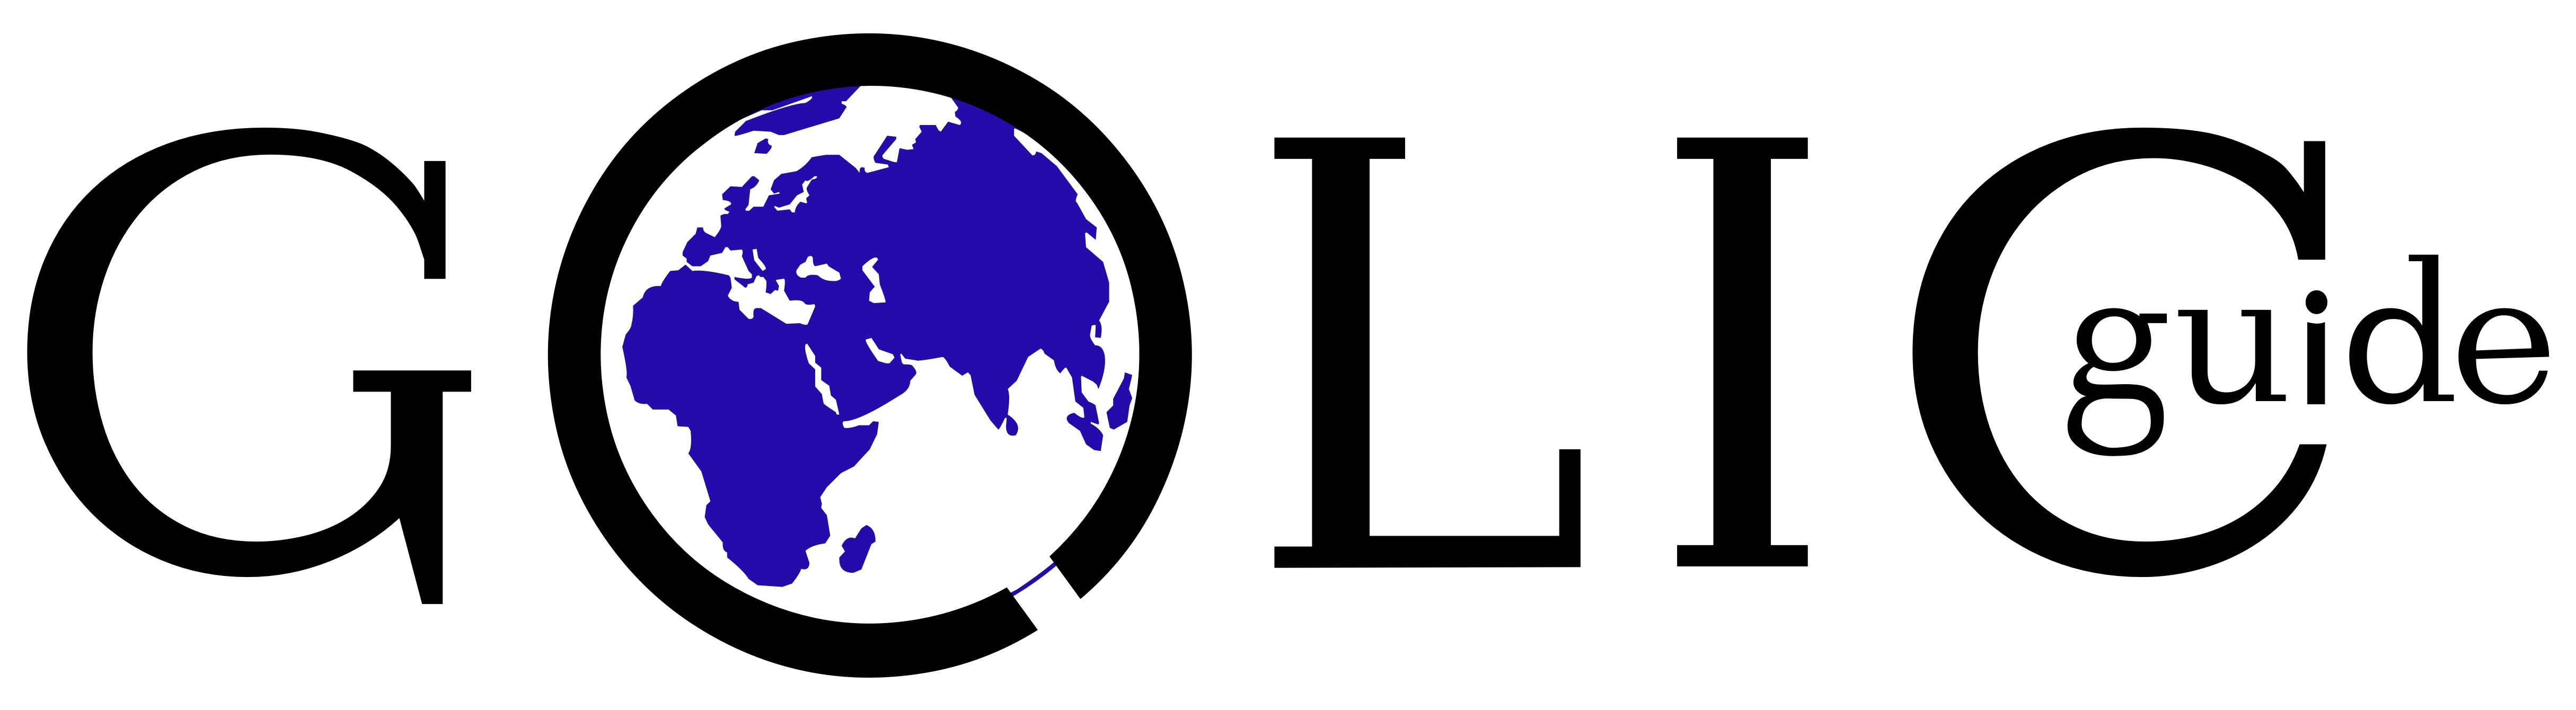 logo_golic